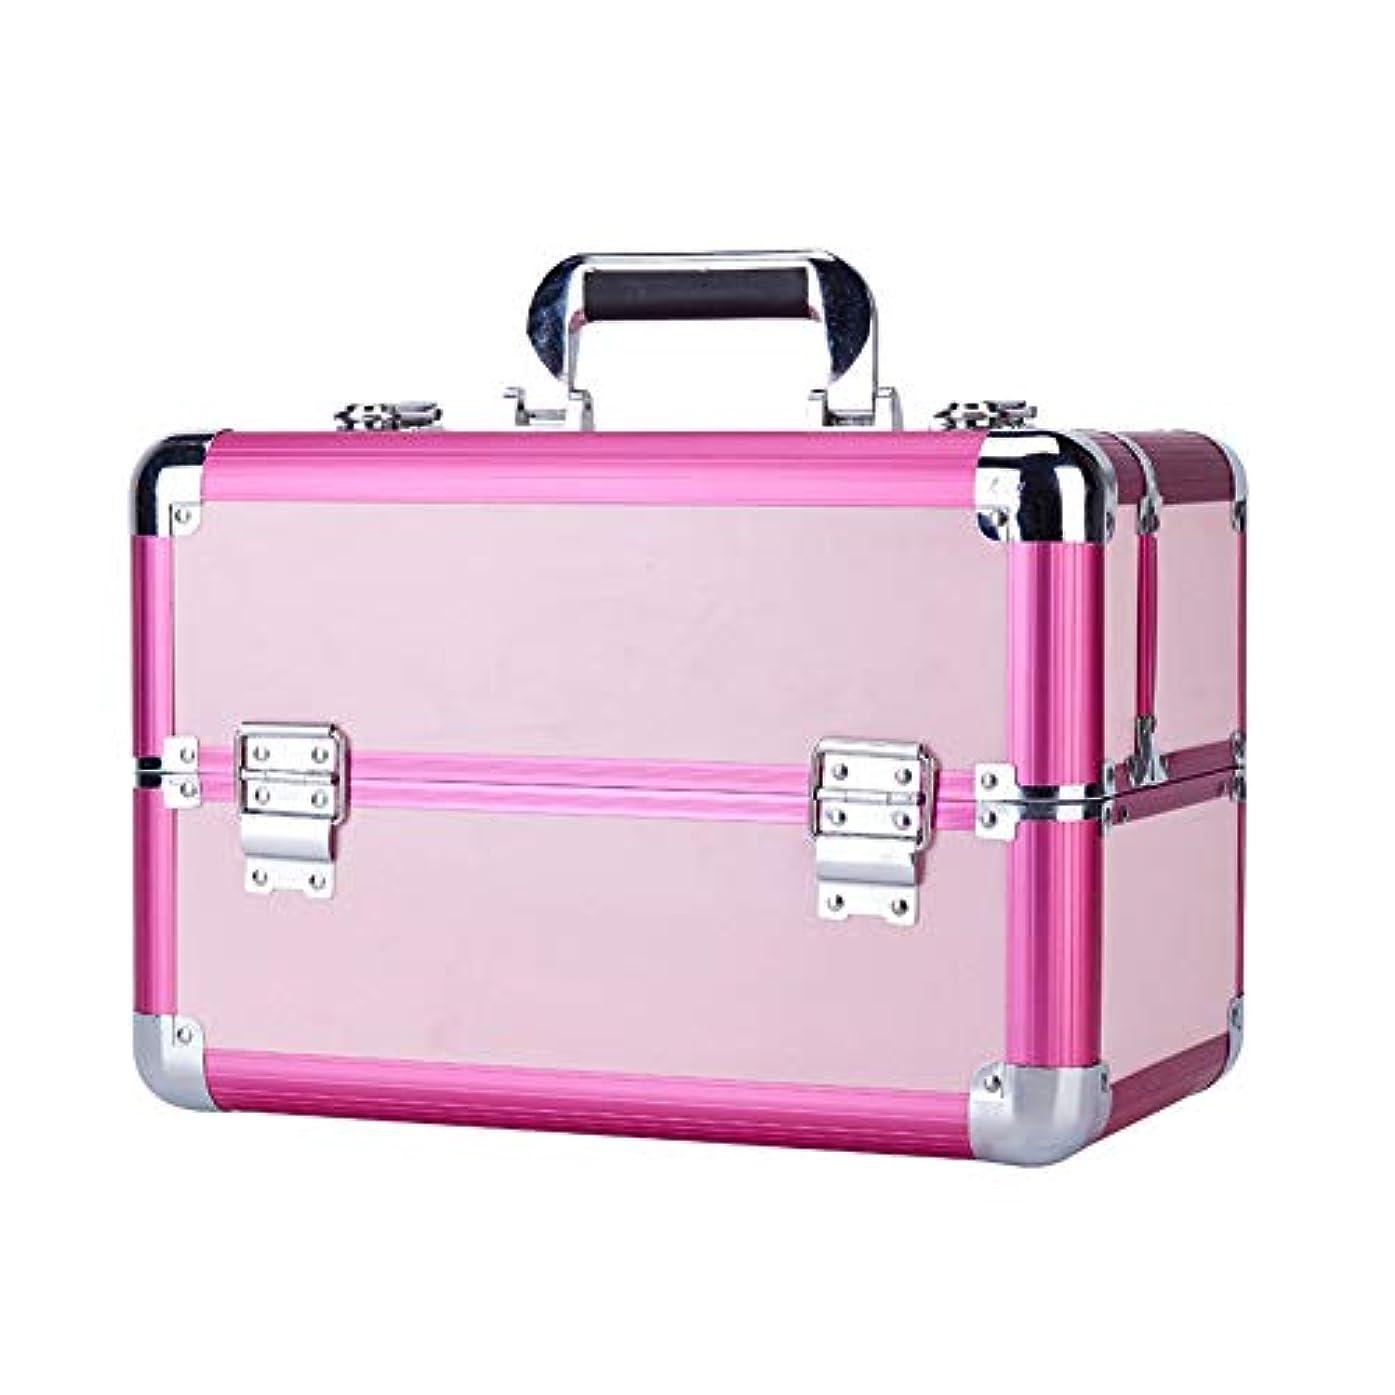 口実ティッシュ植物学特大スペース収納ビューティーボックス 美の構造のためそしてジッパーおよび折る皿が付いている女の子の女性旅行そして毎日の貯蔵のための高容量の携帯用化粧品袋 化粧品化粧台 (色 : ピンク)